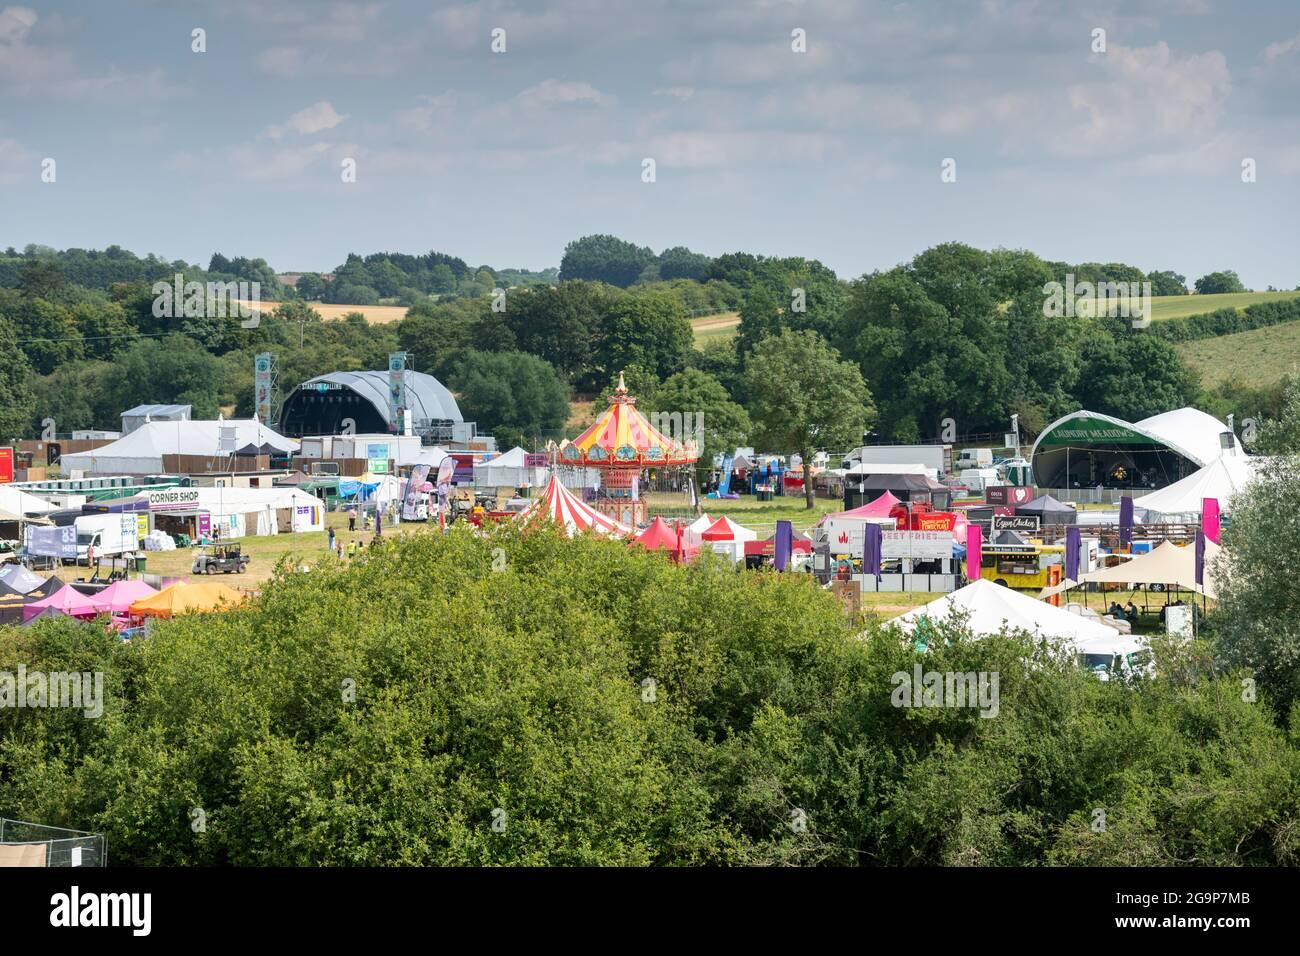 Vue sur la zone principale de l'événement au festival de musique Standon Calling 2021 Hertfordshire Royaume-Uni Banque D'Images